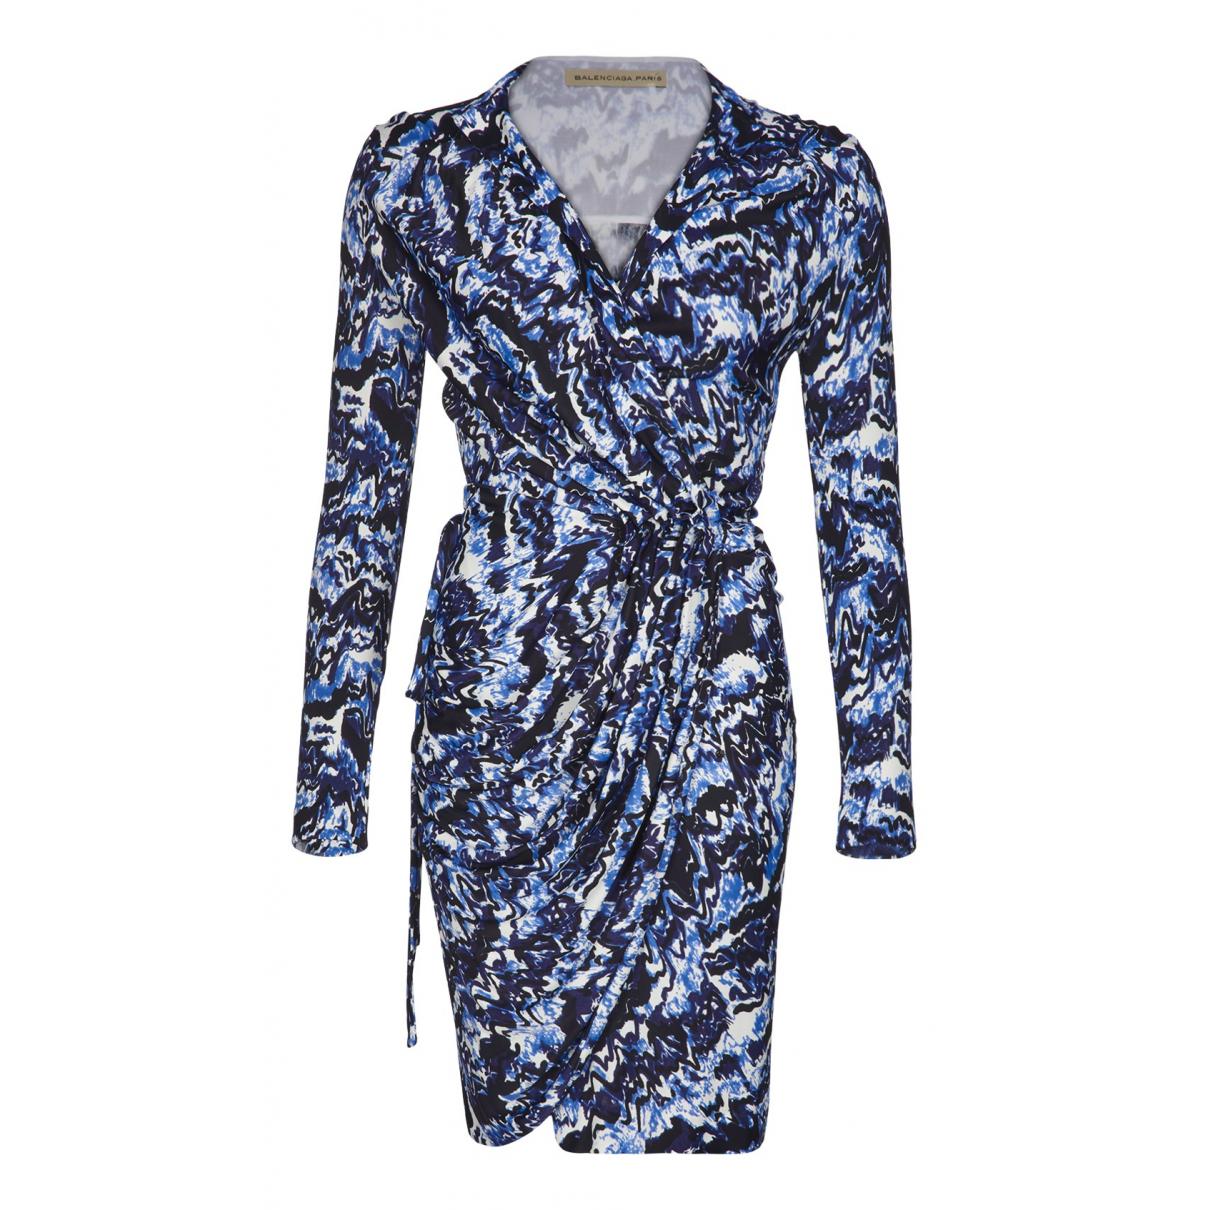 Balenciaga \N Kleid in  Blau Synthetik